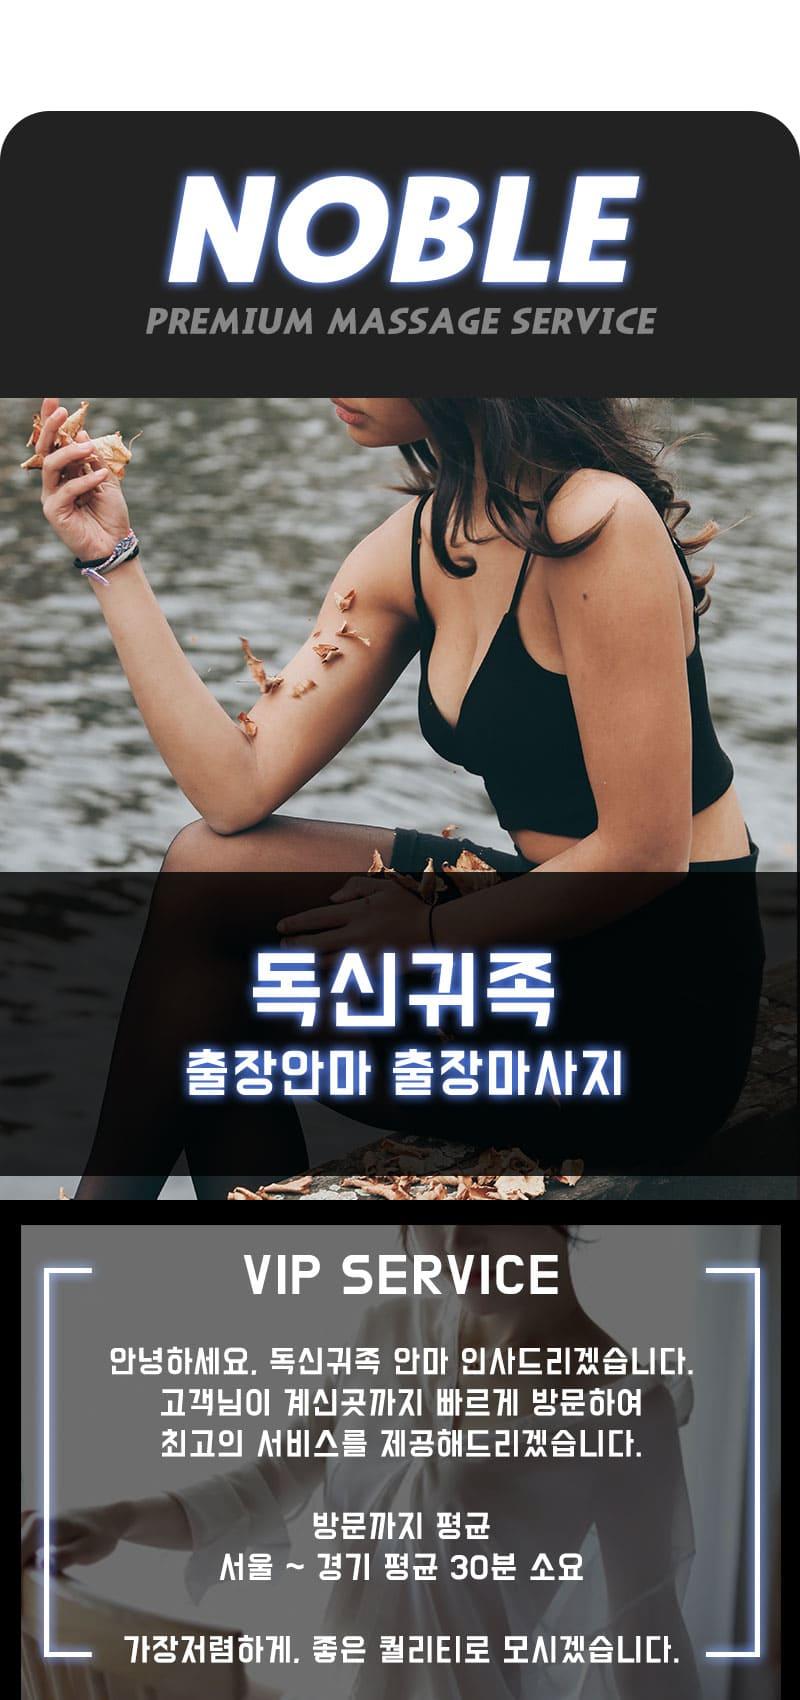 화서동출장안마 소개